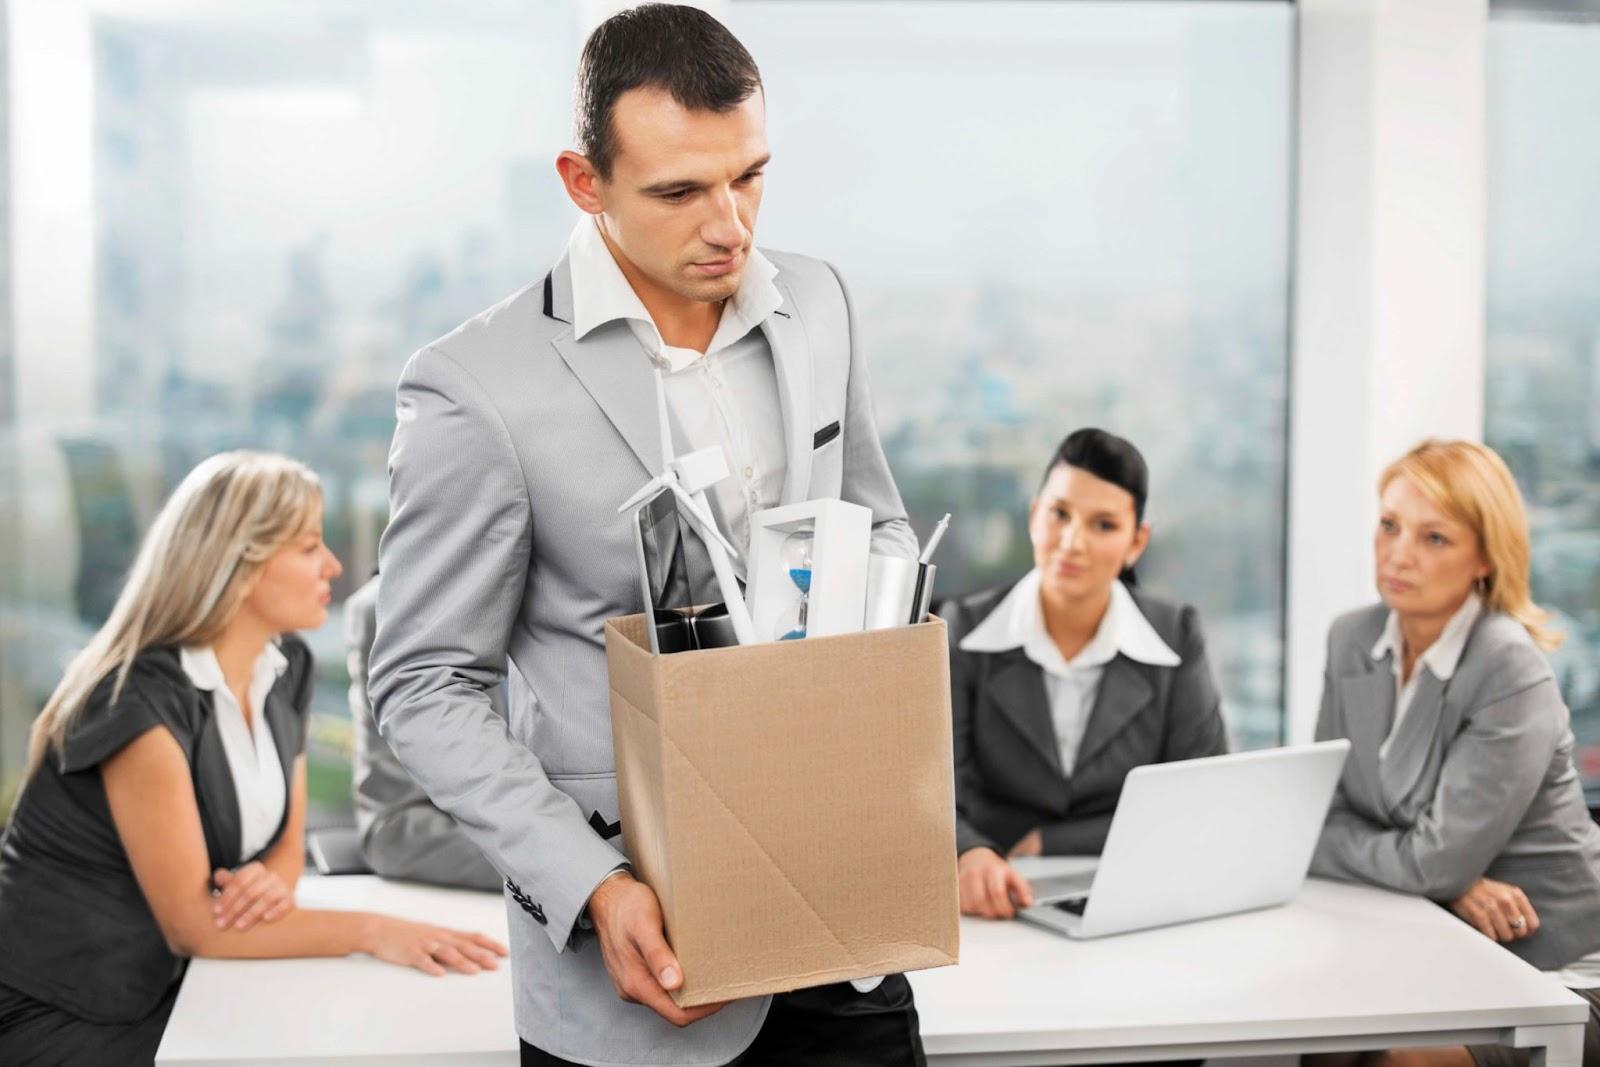 bài test nhân viên kinh doanh hiệu quả